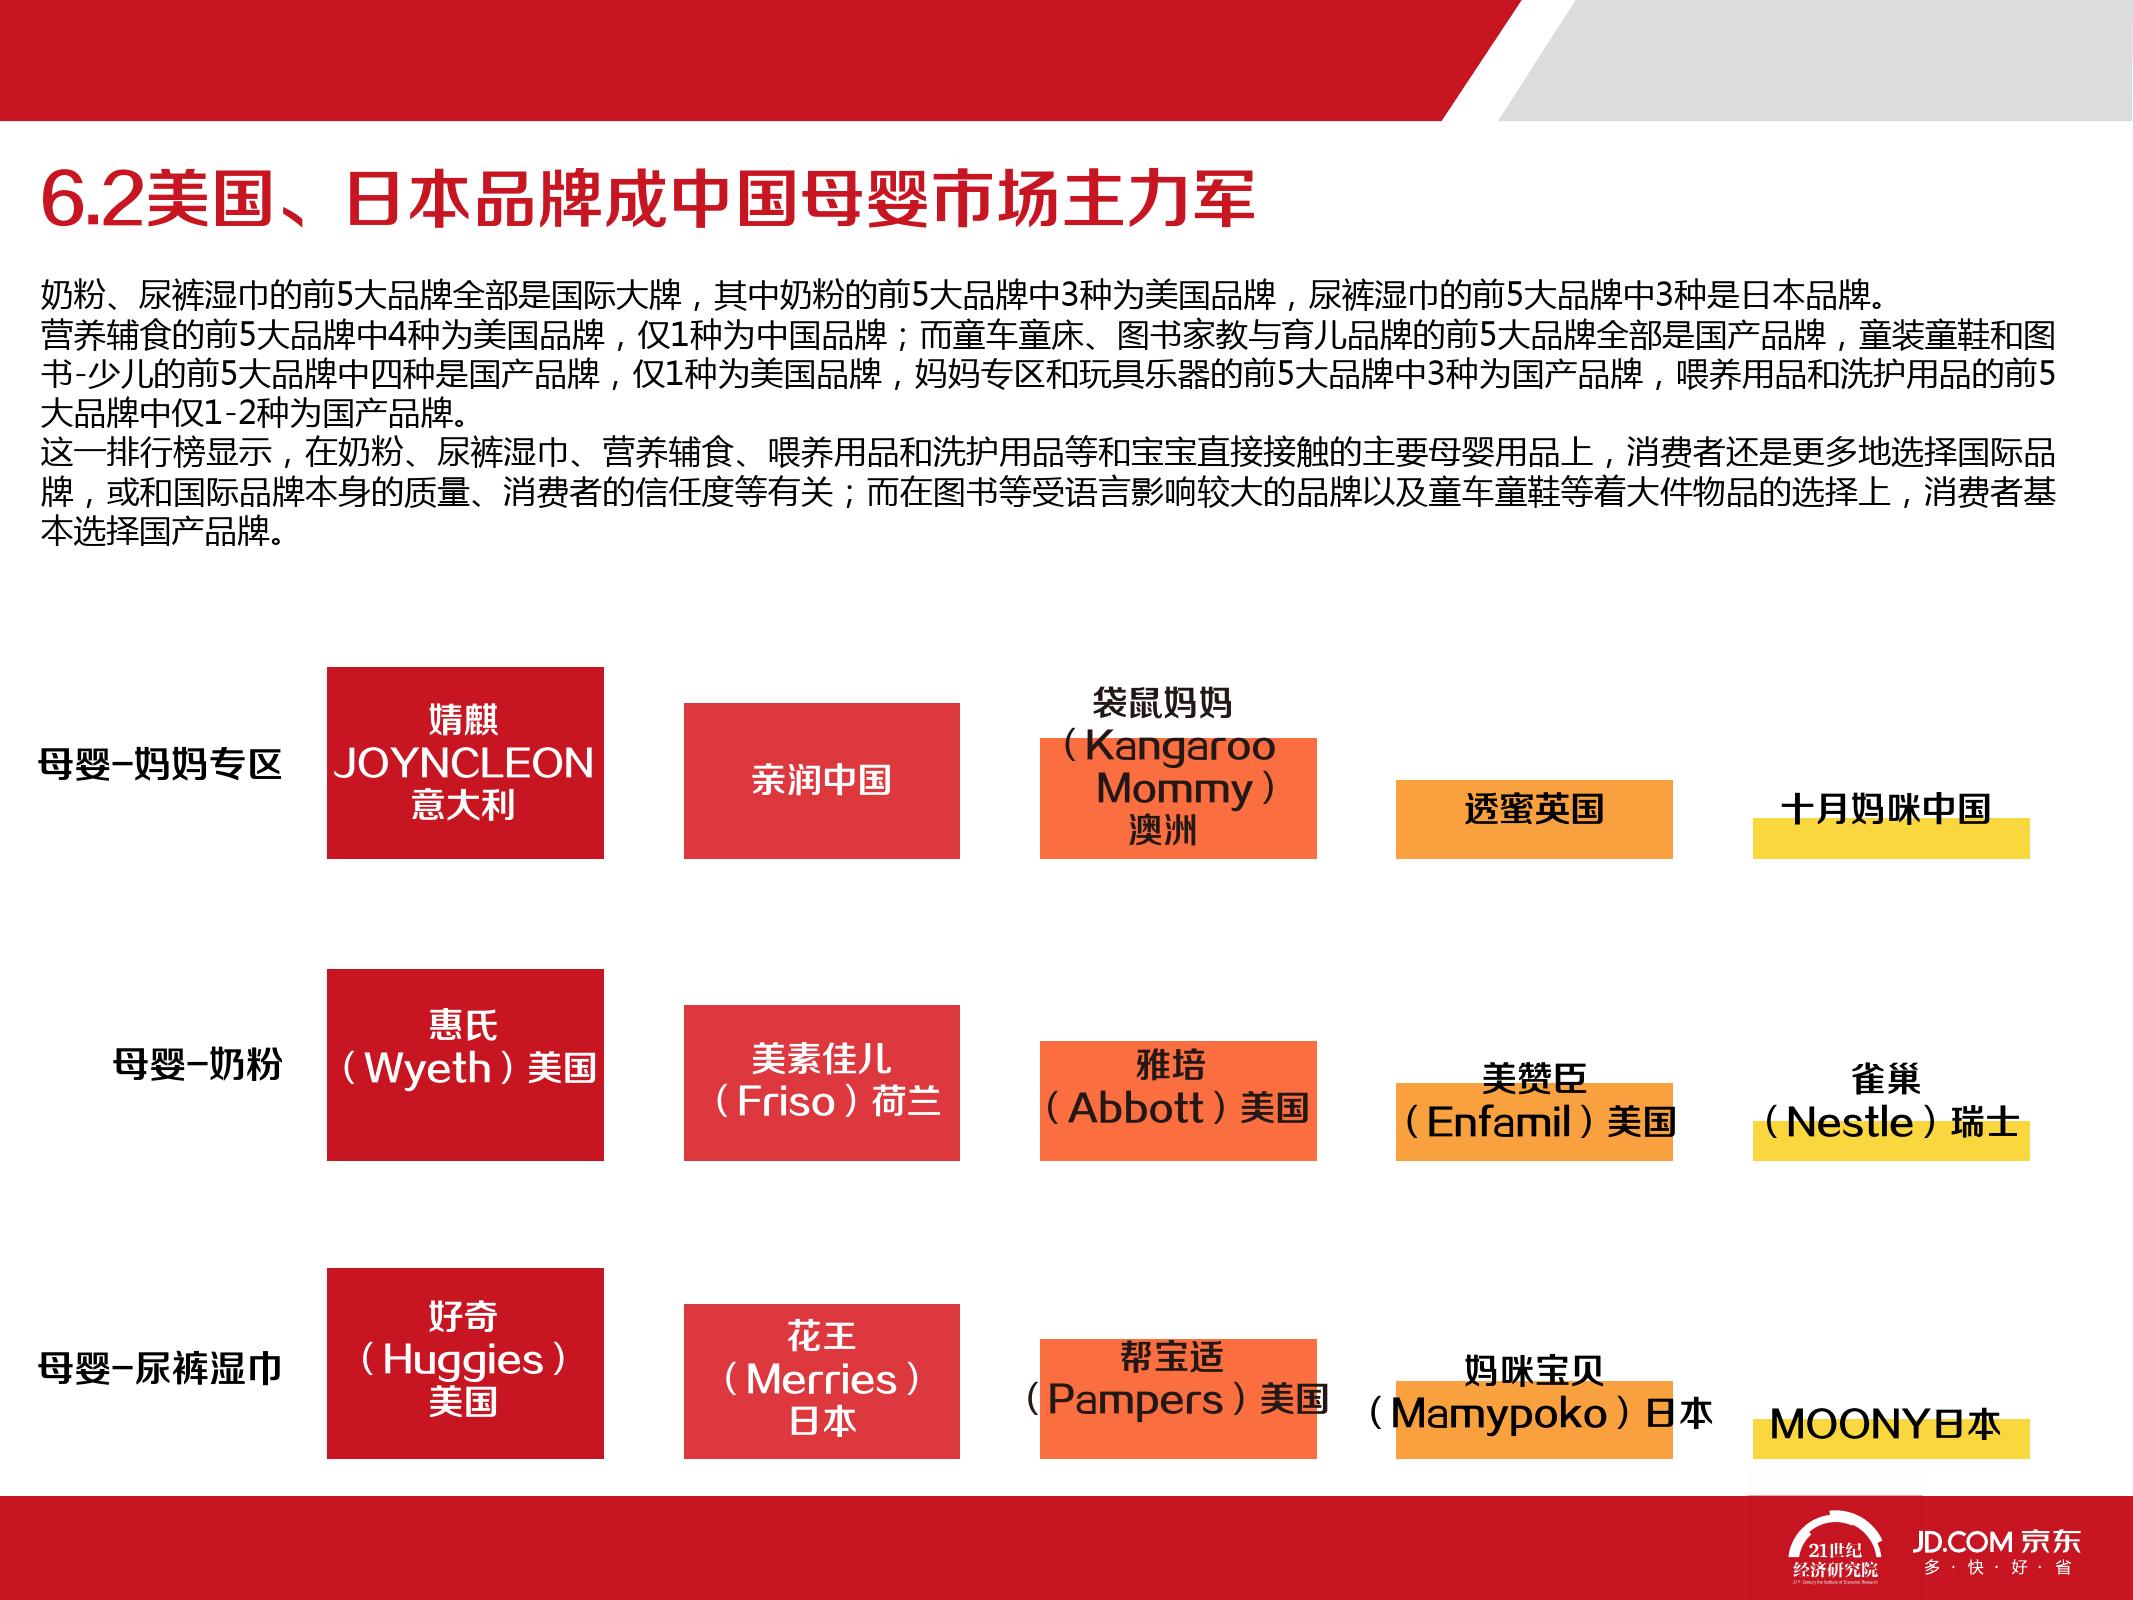 2016中国母婴产品消费趋势报告_000066